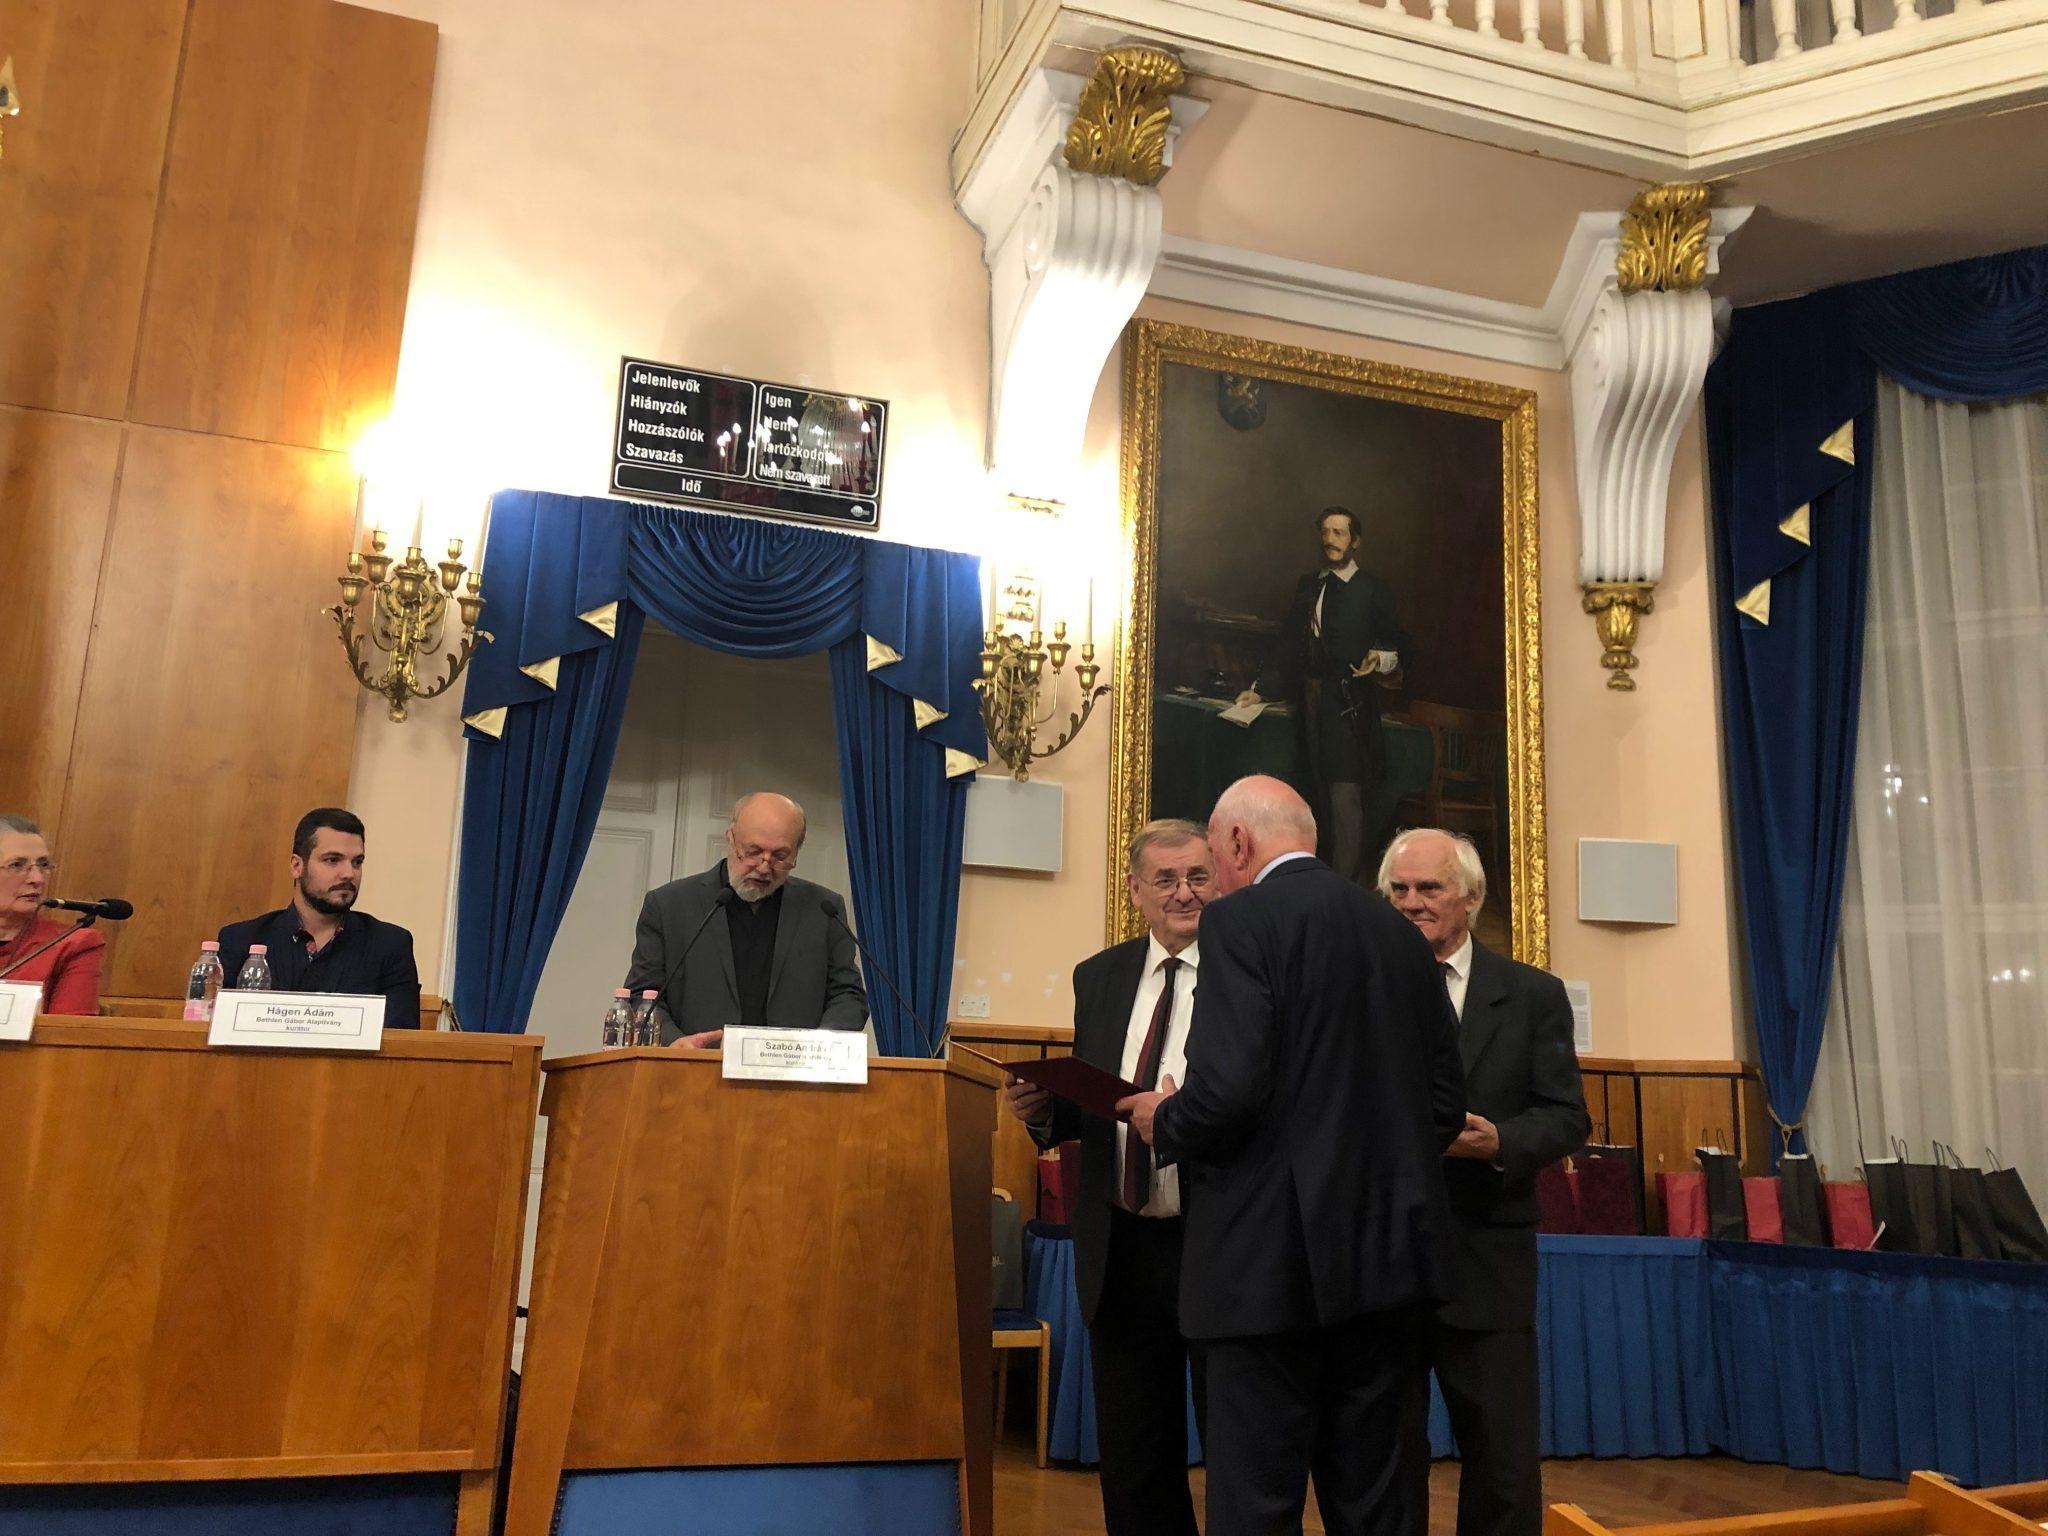 Mitglieder der Freunde von Ungarn Stiftung mit wertvollen Preisen ausgezeichnet post's picture